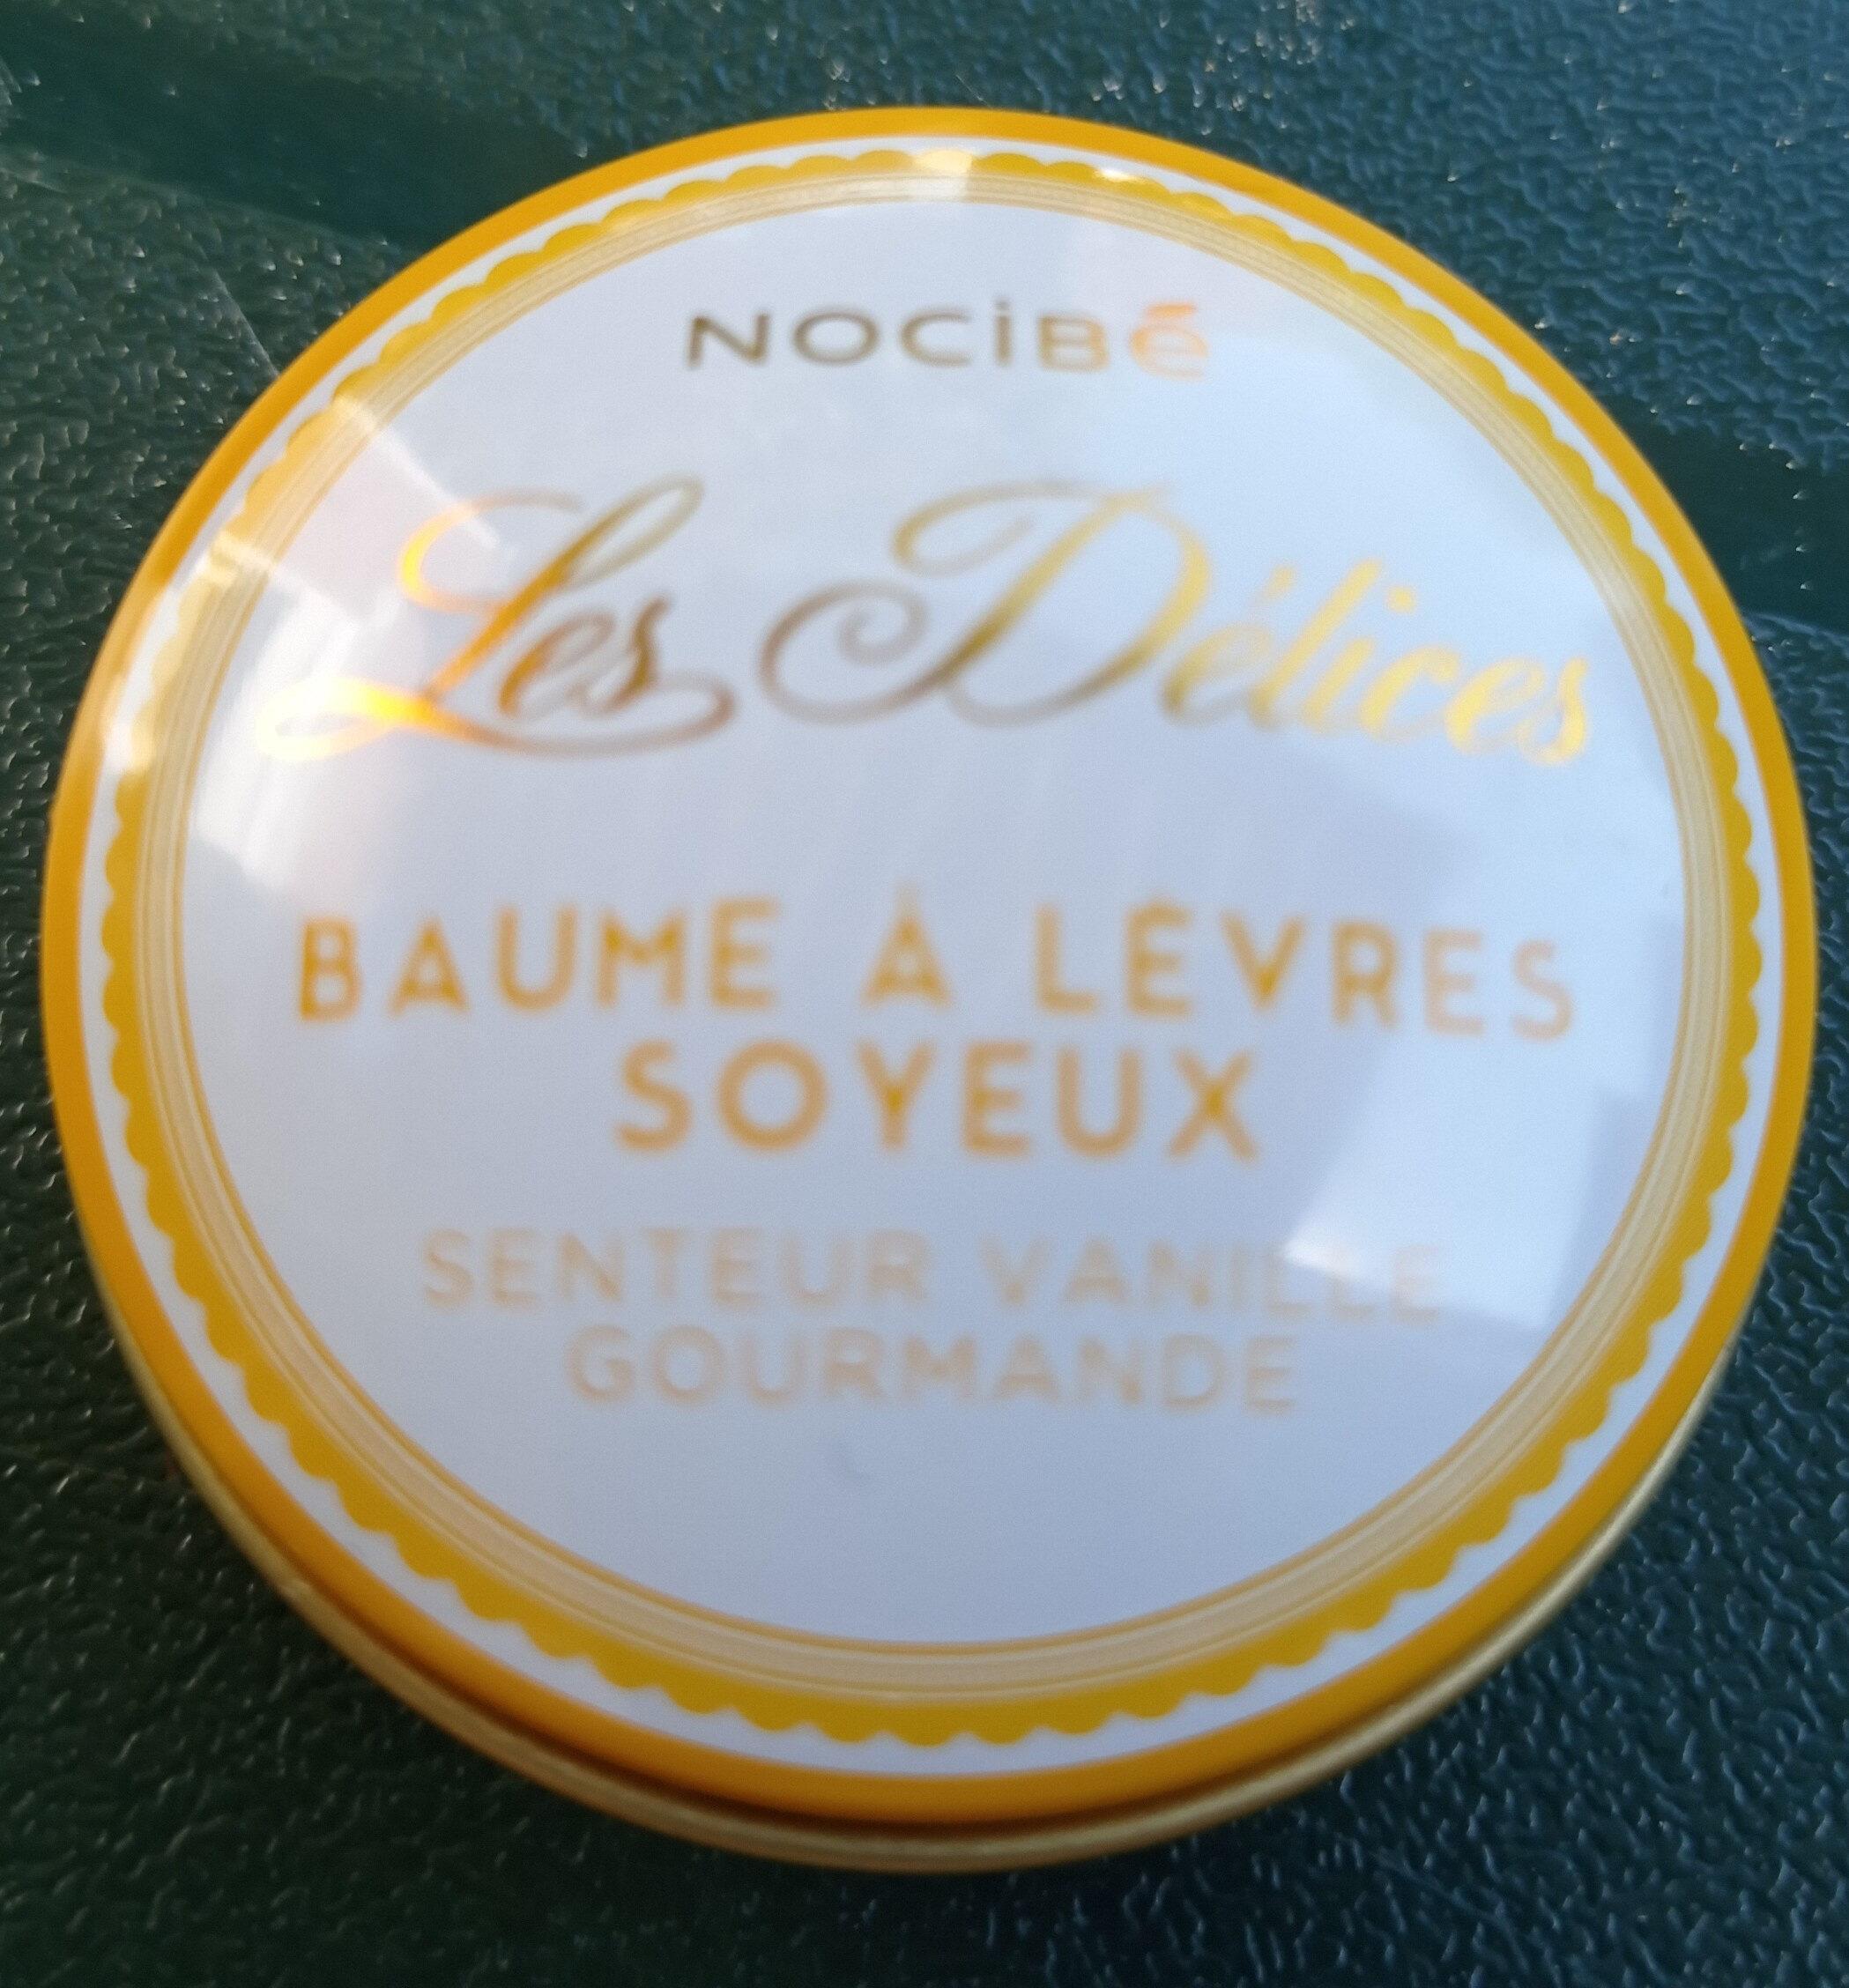 Baume à lèvres soyeux - Product - fr